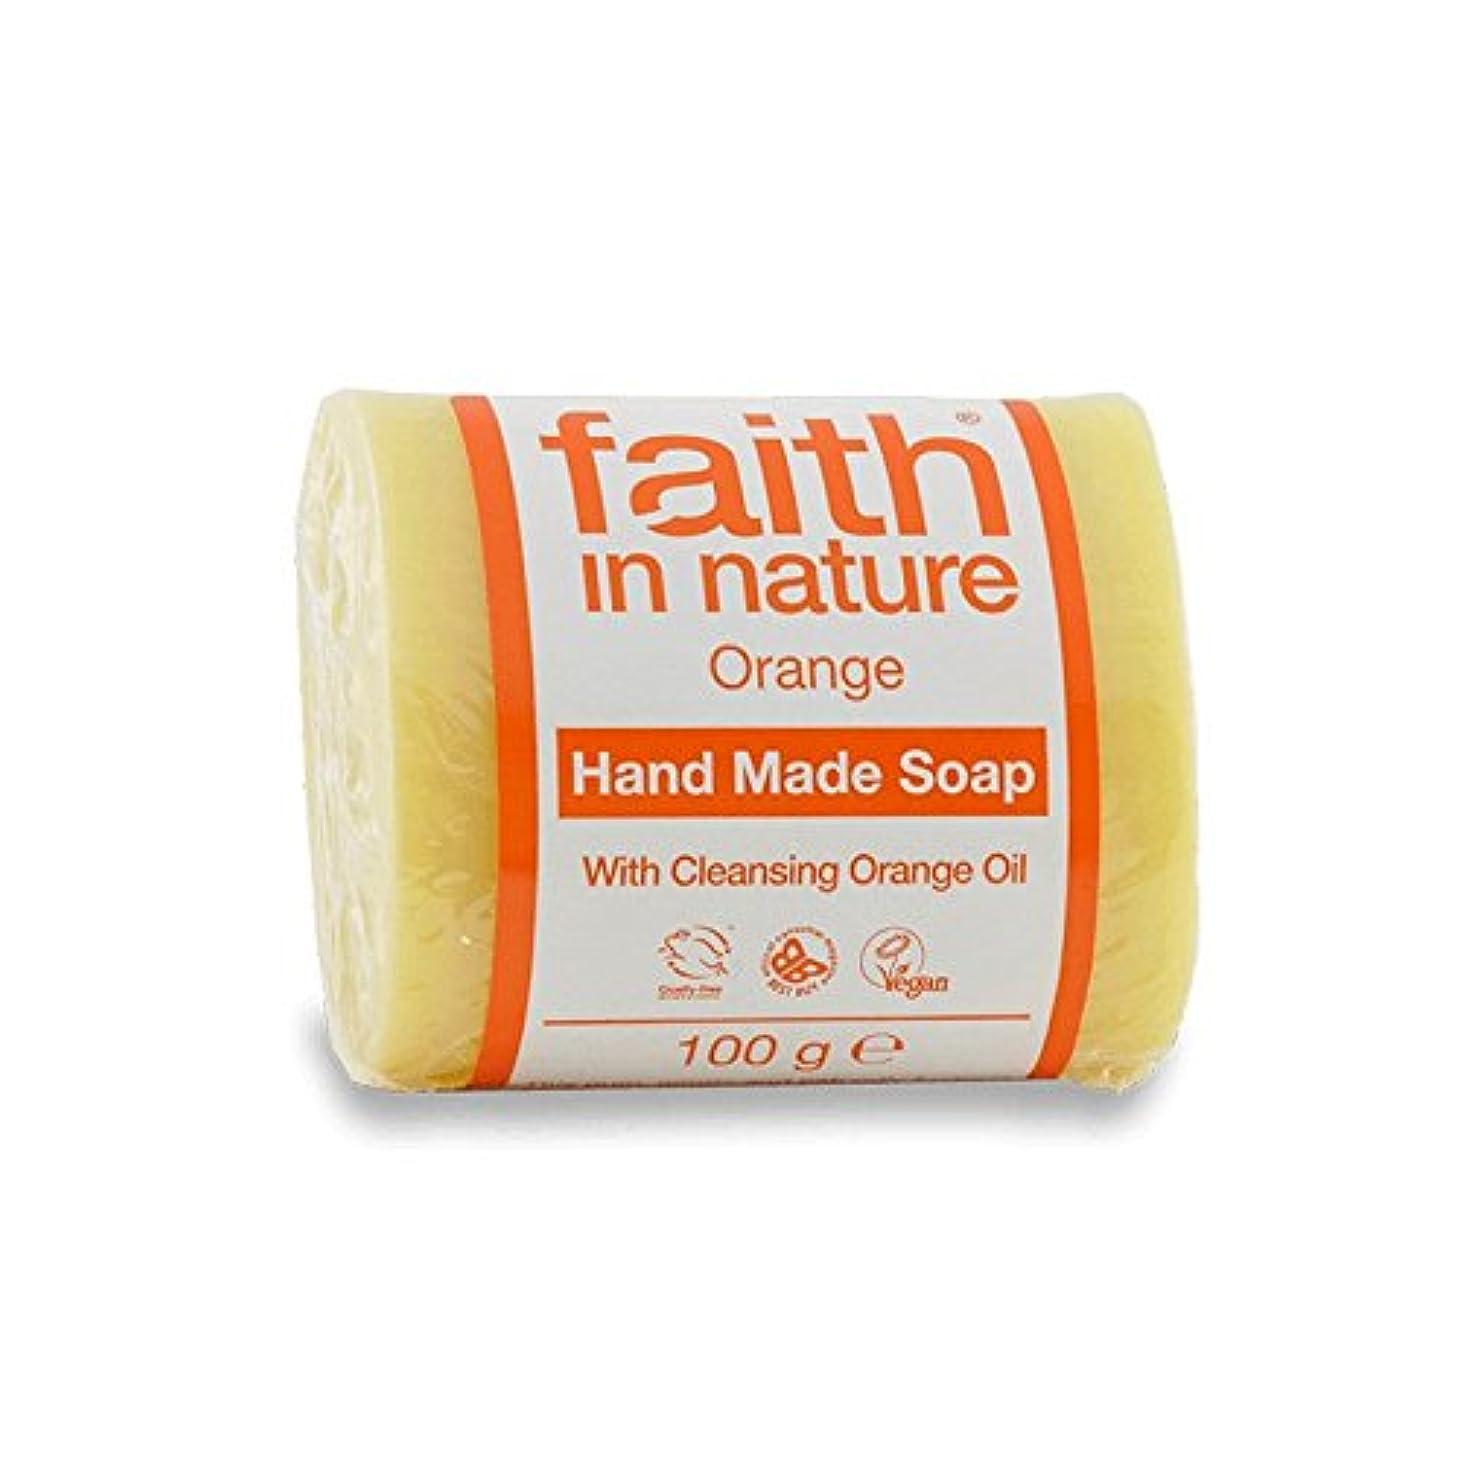 トピックカレッジ倒錯Faith in Nature Orange Soap 100g (Pack of 2) - 自然オレンジ色の石鹸100グラムの信仰 (x2) [並行輸入品]